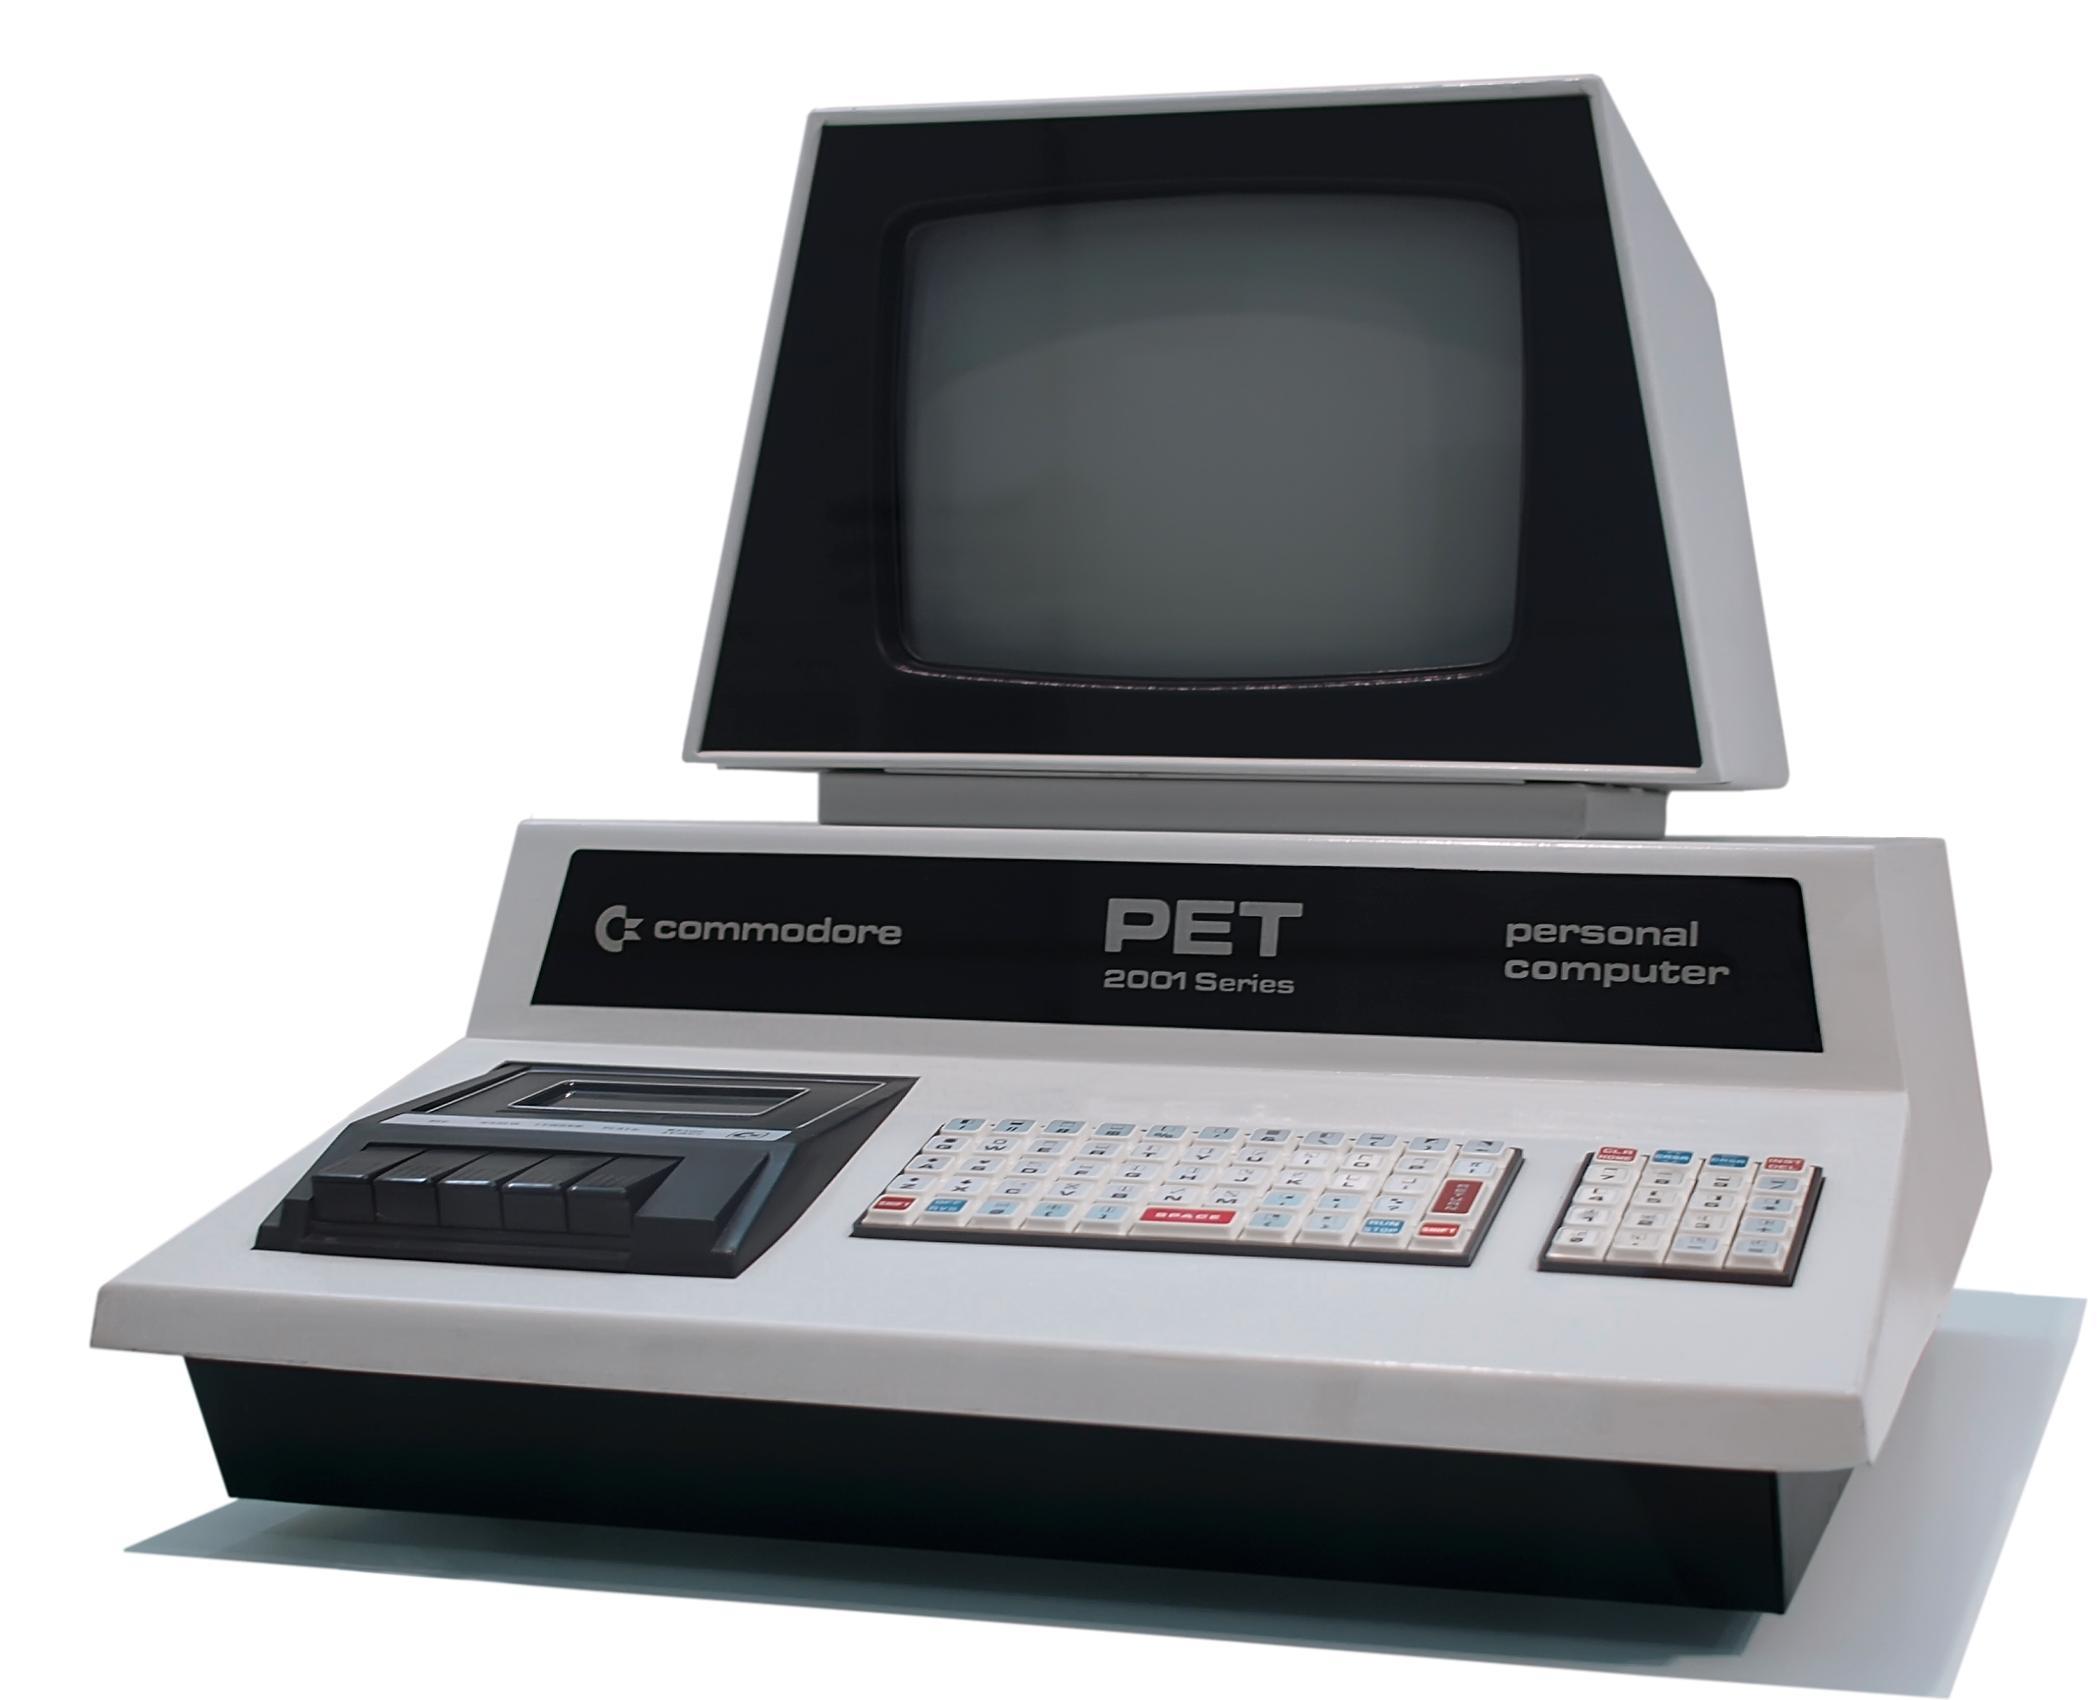 Commodore PET2001. Foto: Wikimedia